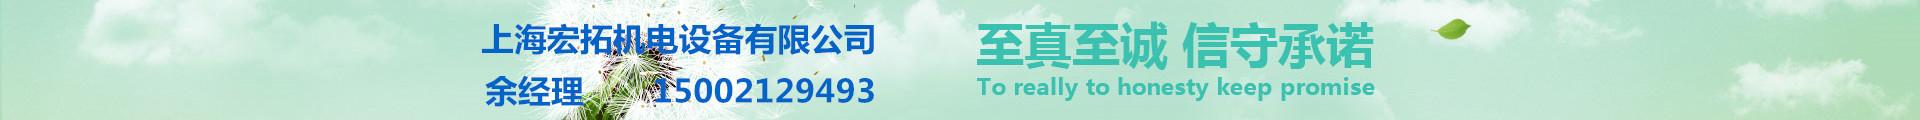 上海宏拓機電設備有限公司